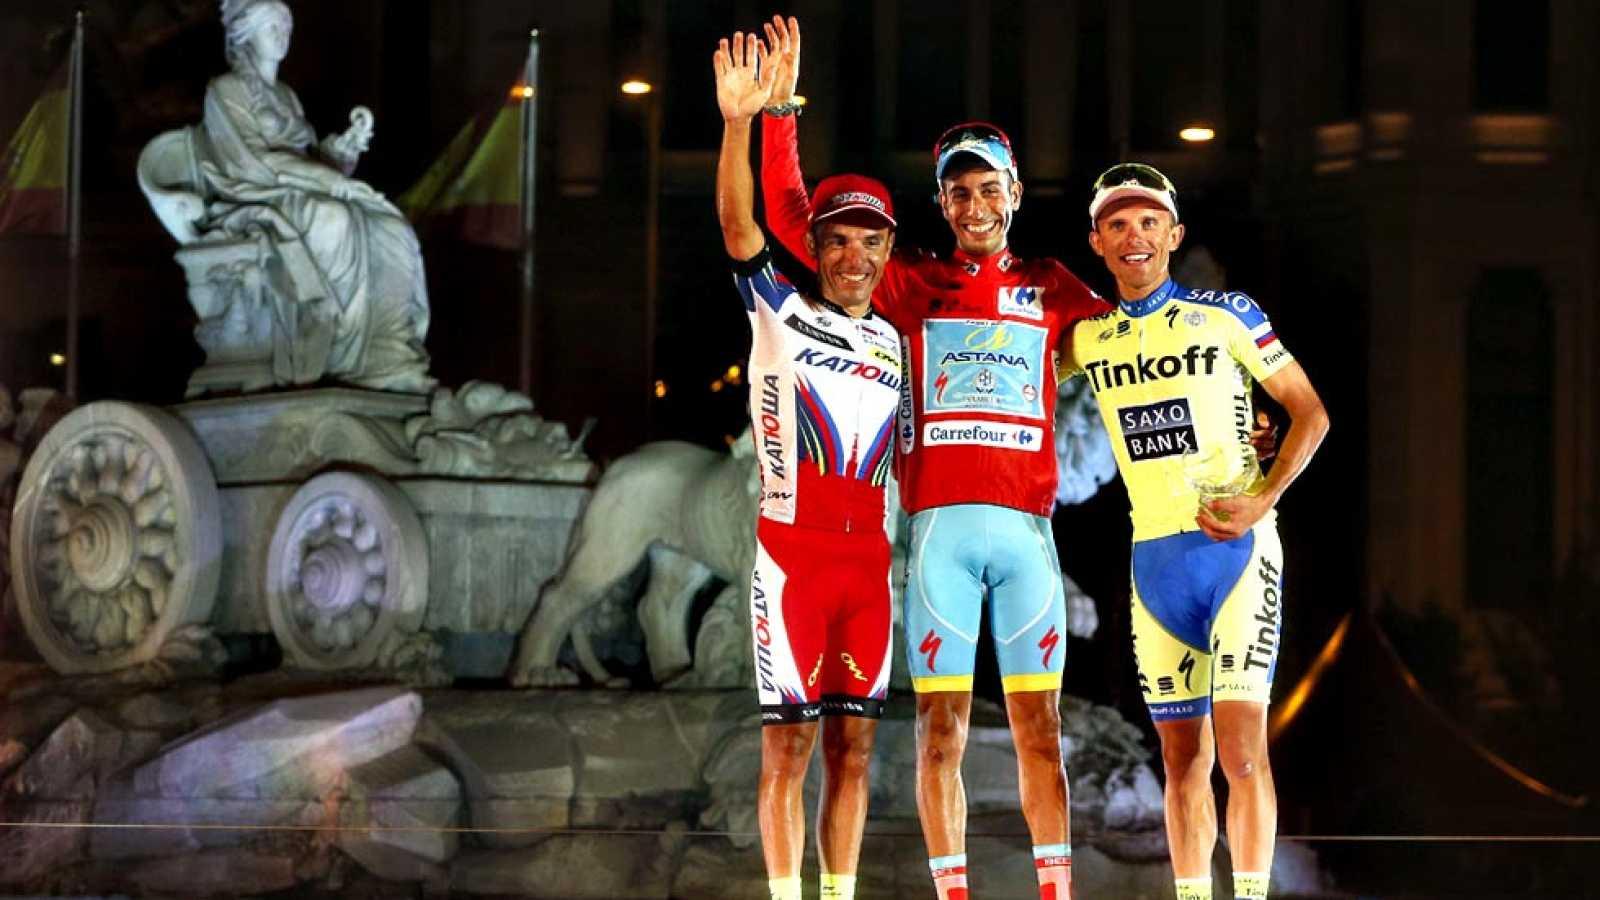 El ciclista italiano de Astana se proclamará este domingo campeón de la Vuelta 2015, gracias a un homenaje indirecto a Perico en La Morcuera, donde arrebató el maillot rojo a Dumoulin y escribió el mejor final para una Vuelta que no empezó nada bien